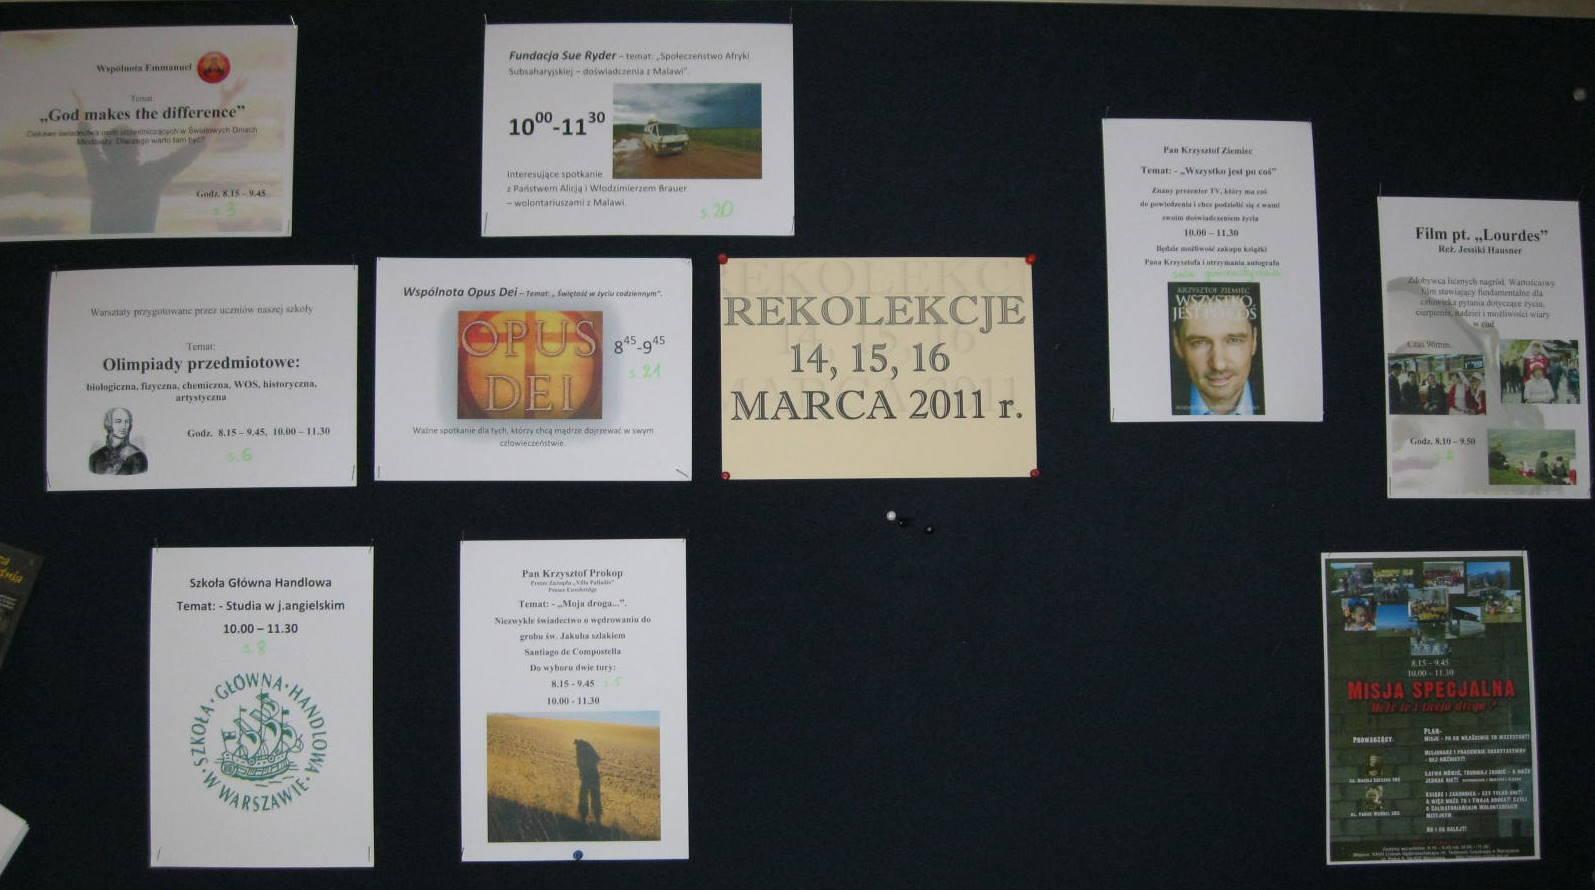 plakaty zwarsztatów